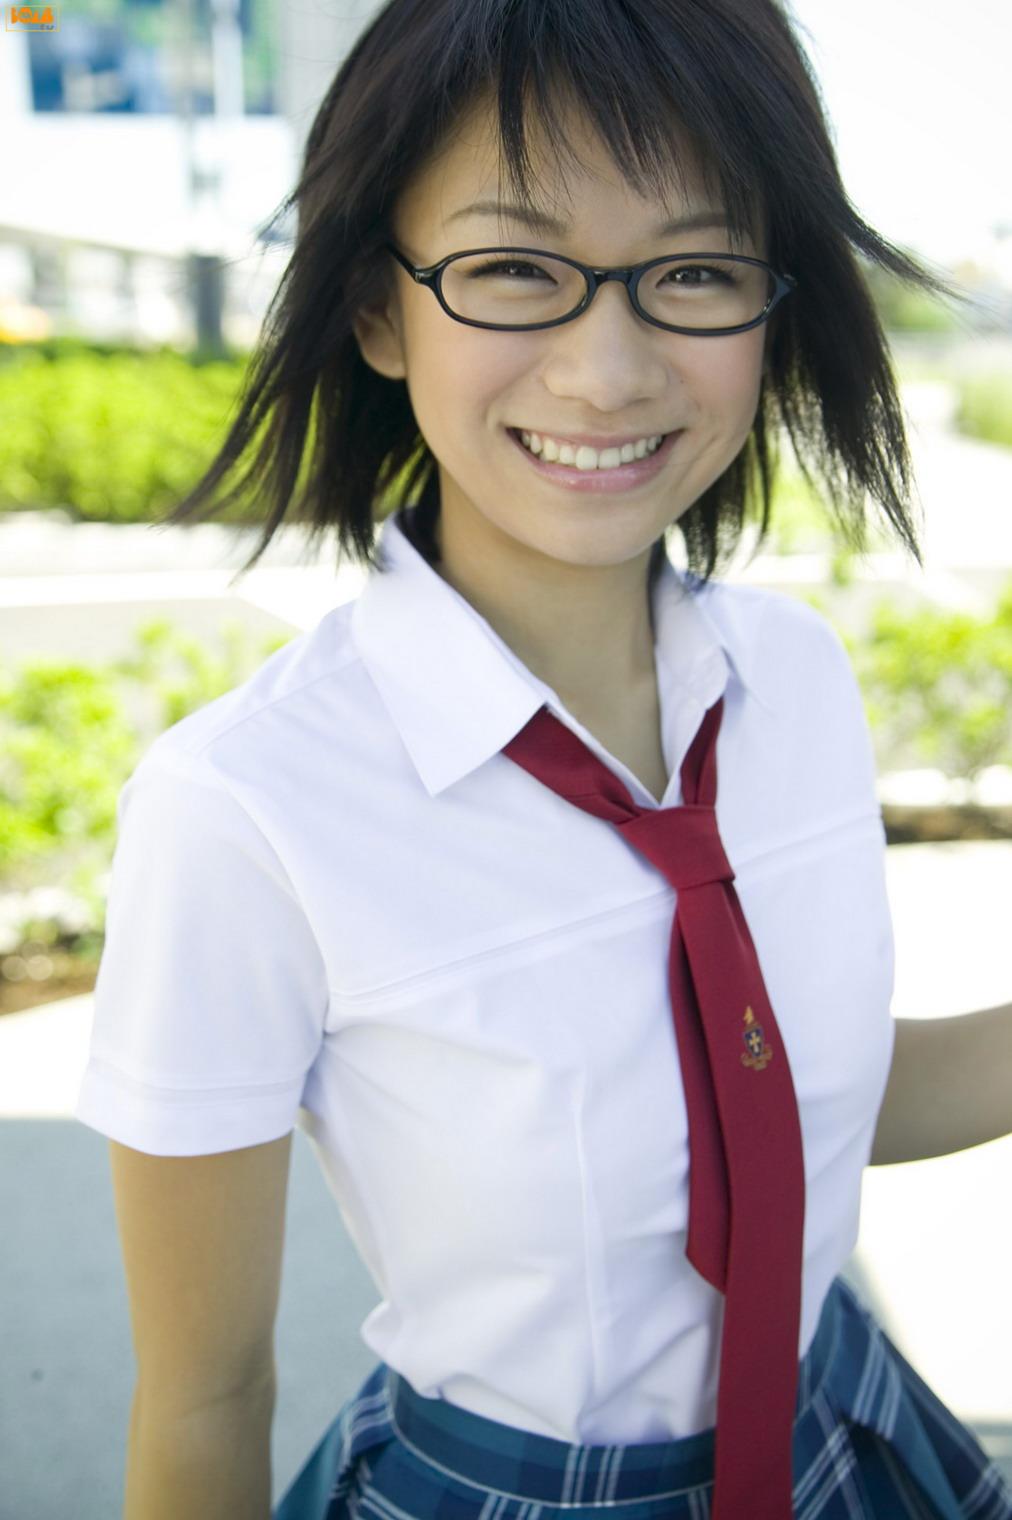 今回は、メガネキャラで大人気!時東ぁみさんの可愛い写真まとめ!のサムネイル画像